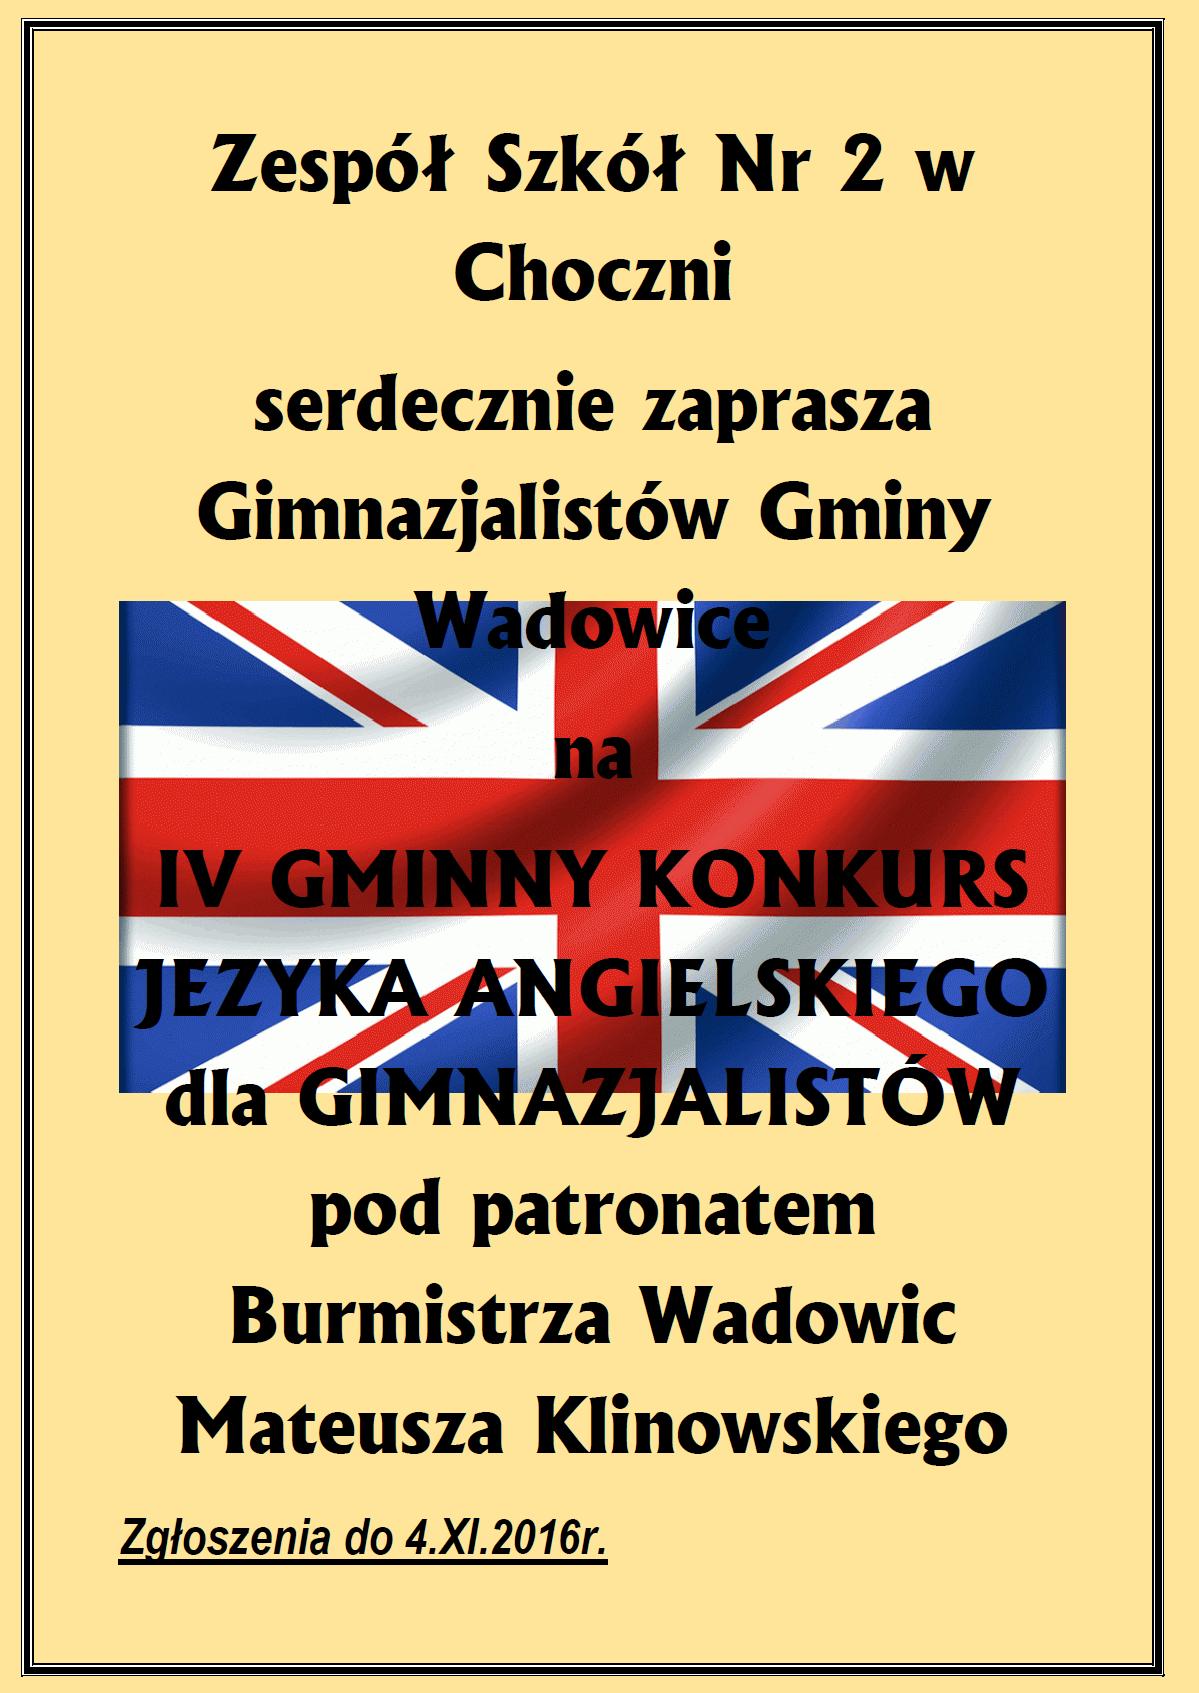 IV Gminny Konkurs języka angielskiego dla gimnazjalistów